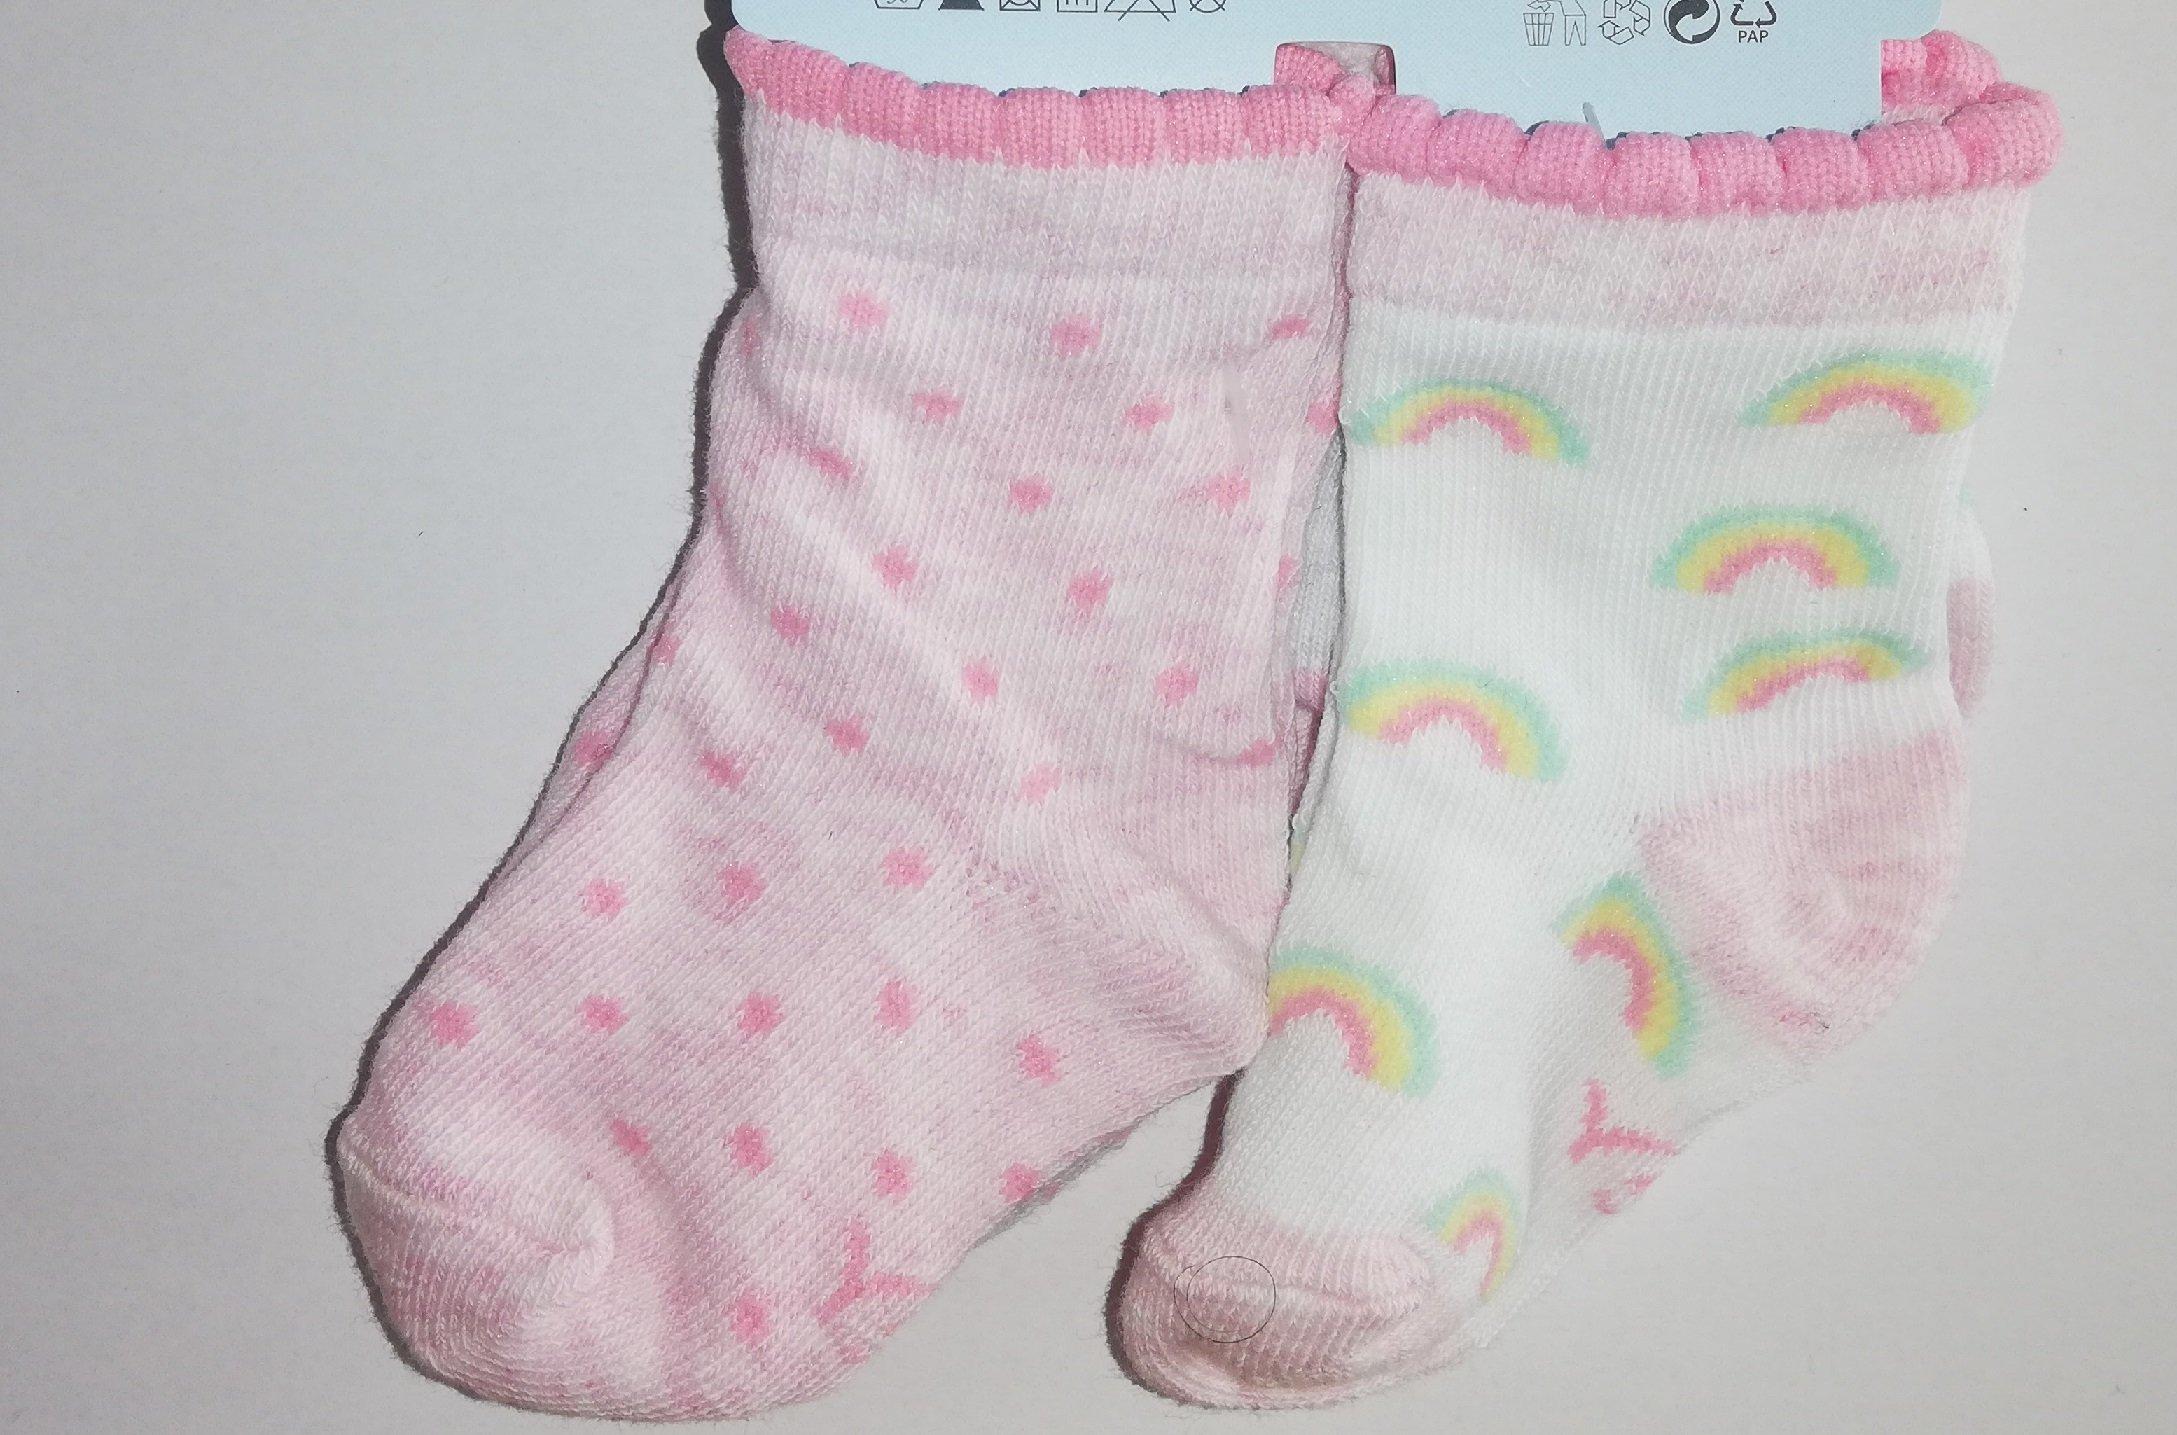 Pono�ky kojeneck� 3 p�ry v balen� 6-9m barevn� holka - zv��i� obr�zok